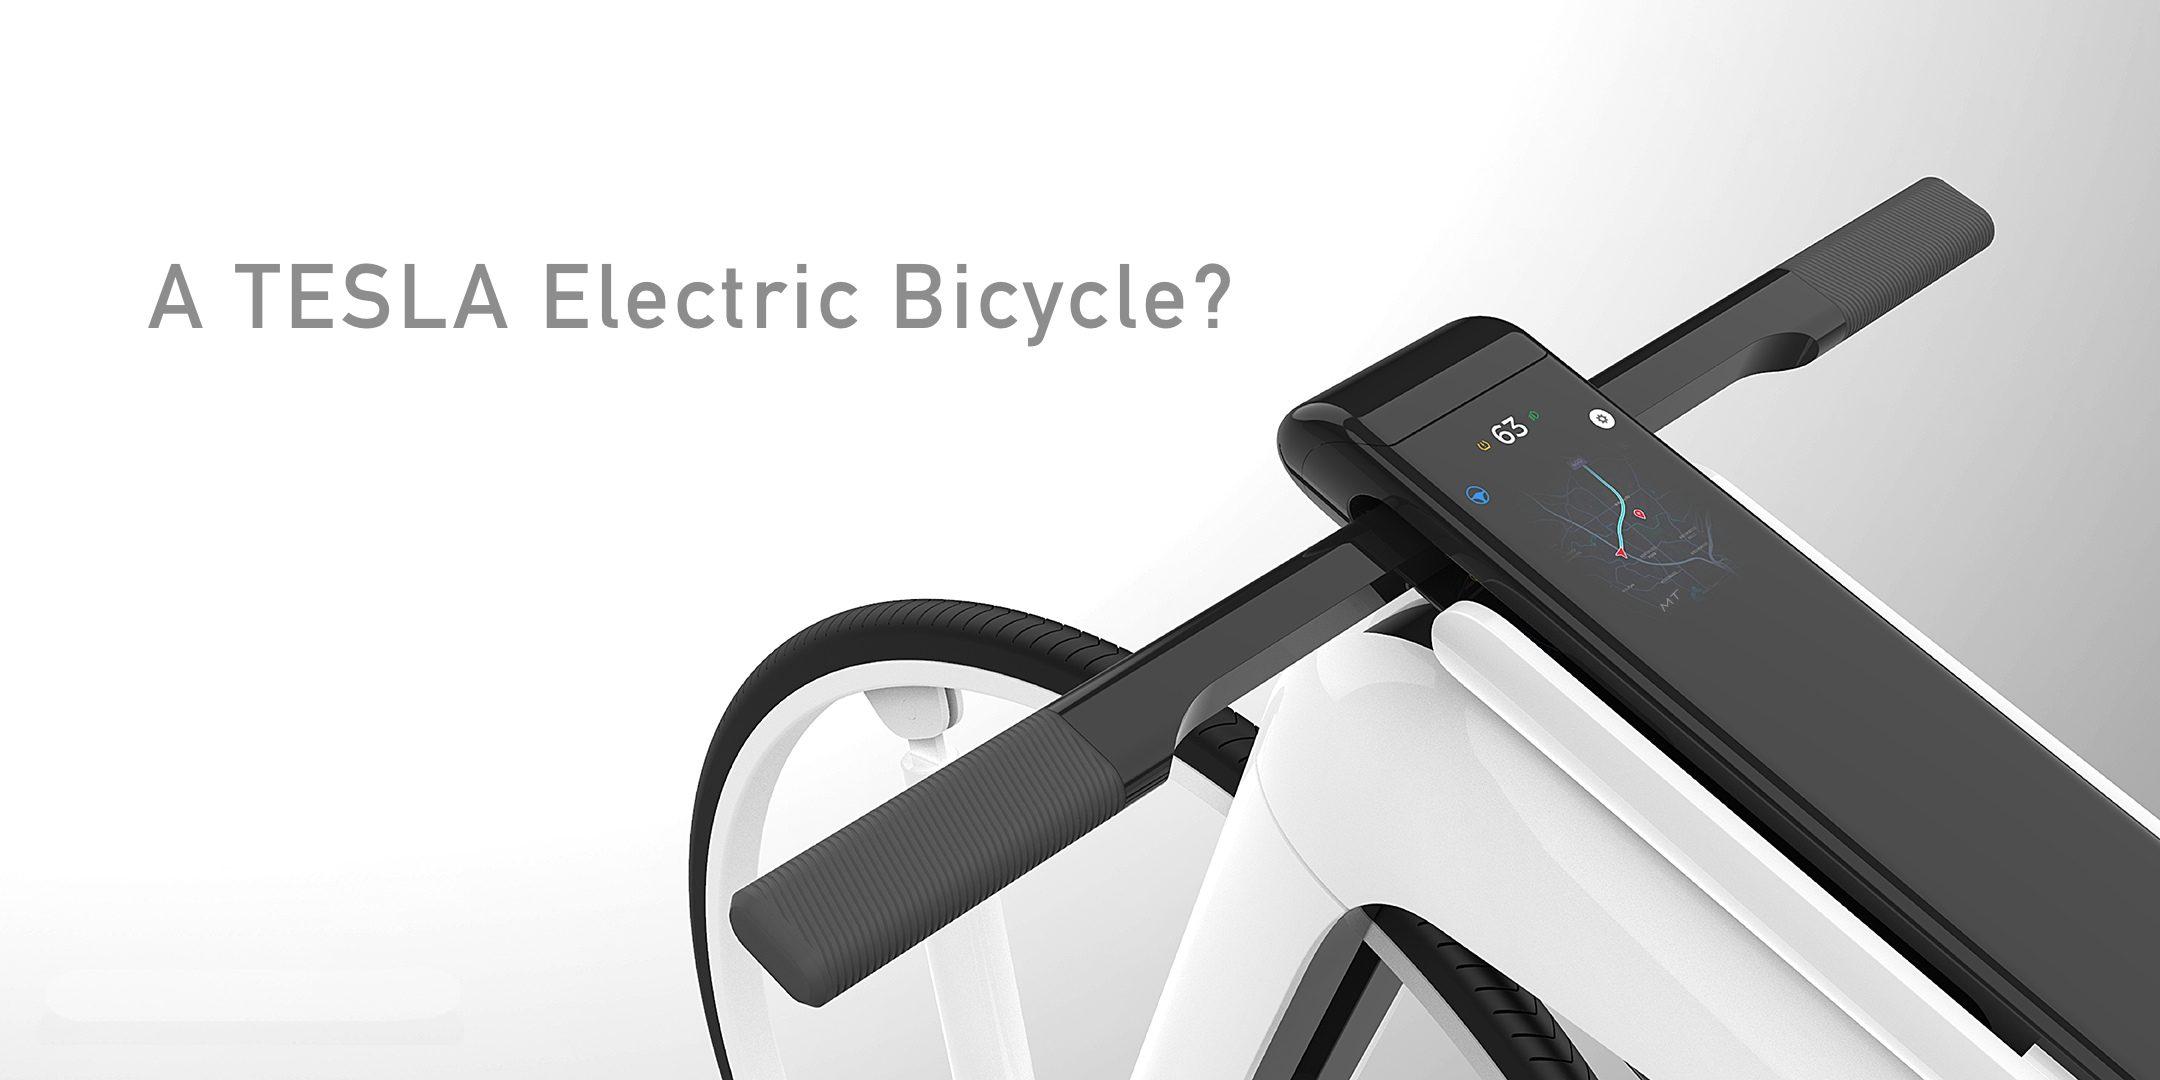 دوچرخه برقی تسلا؟!